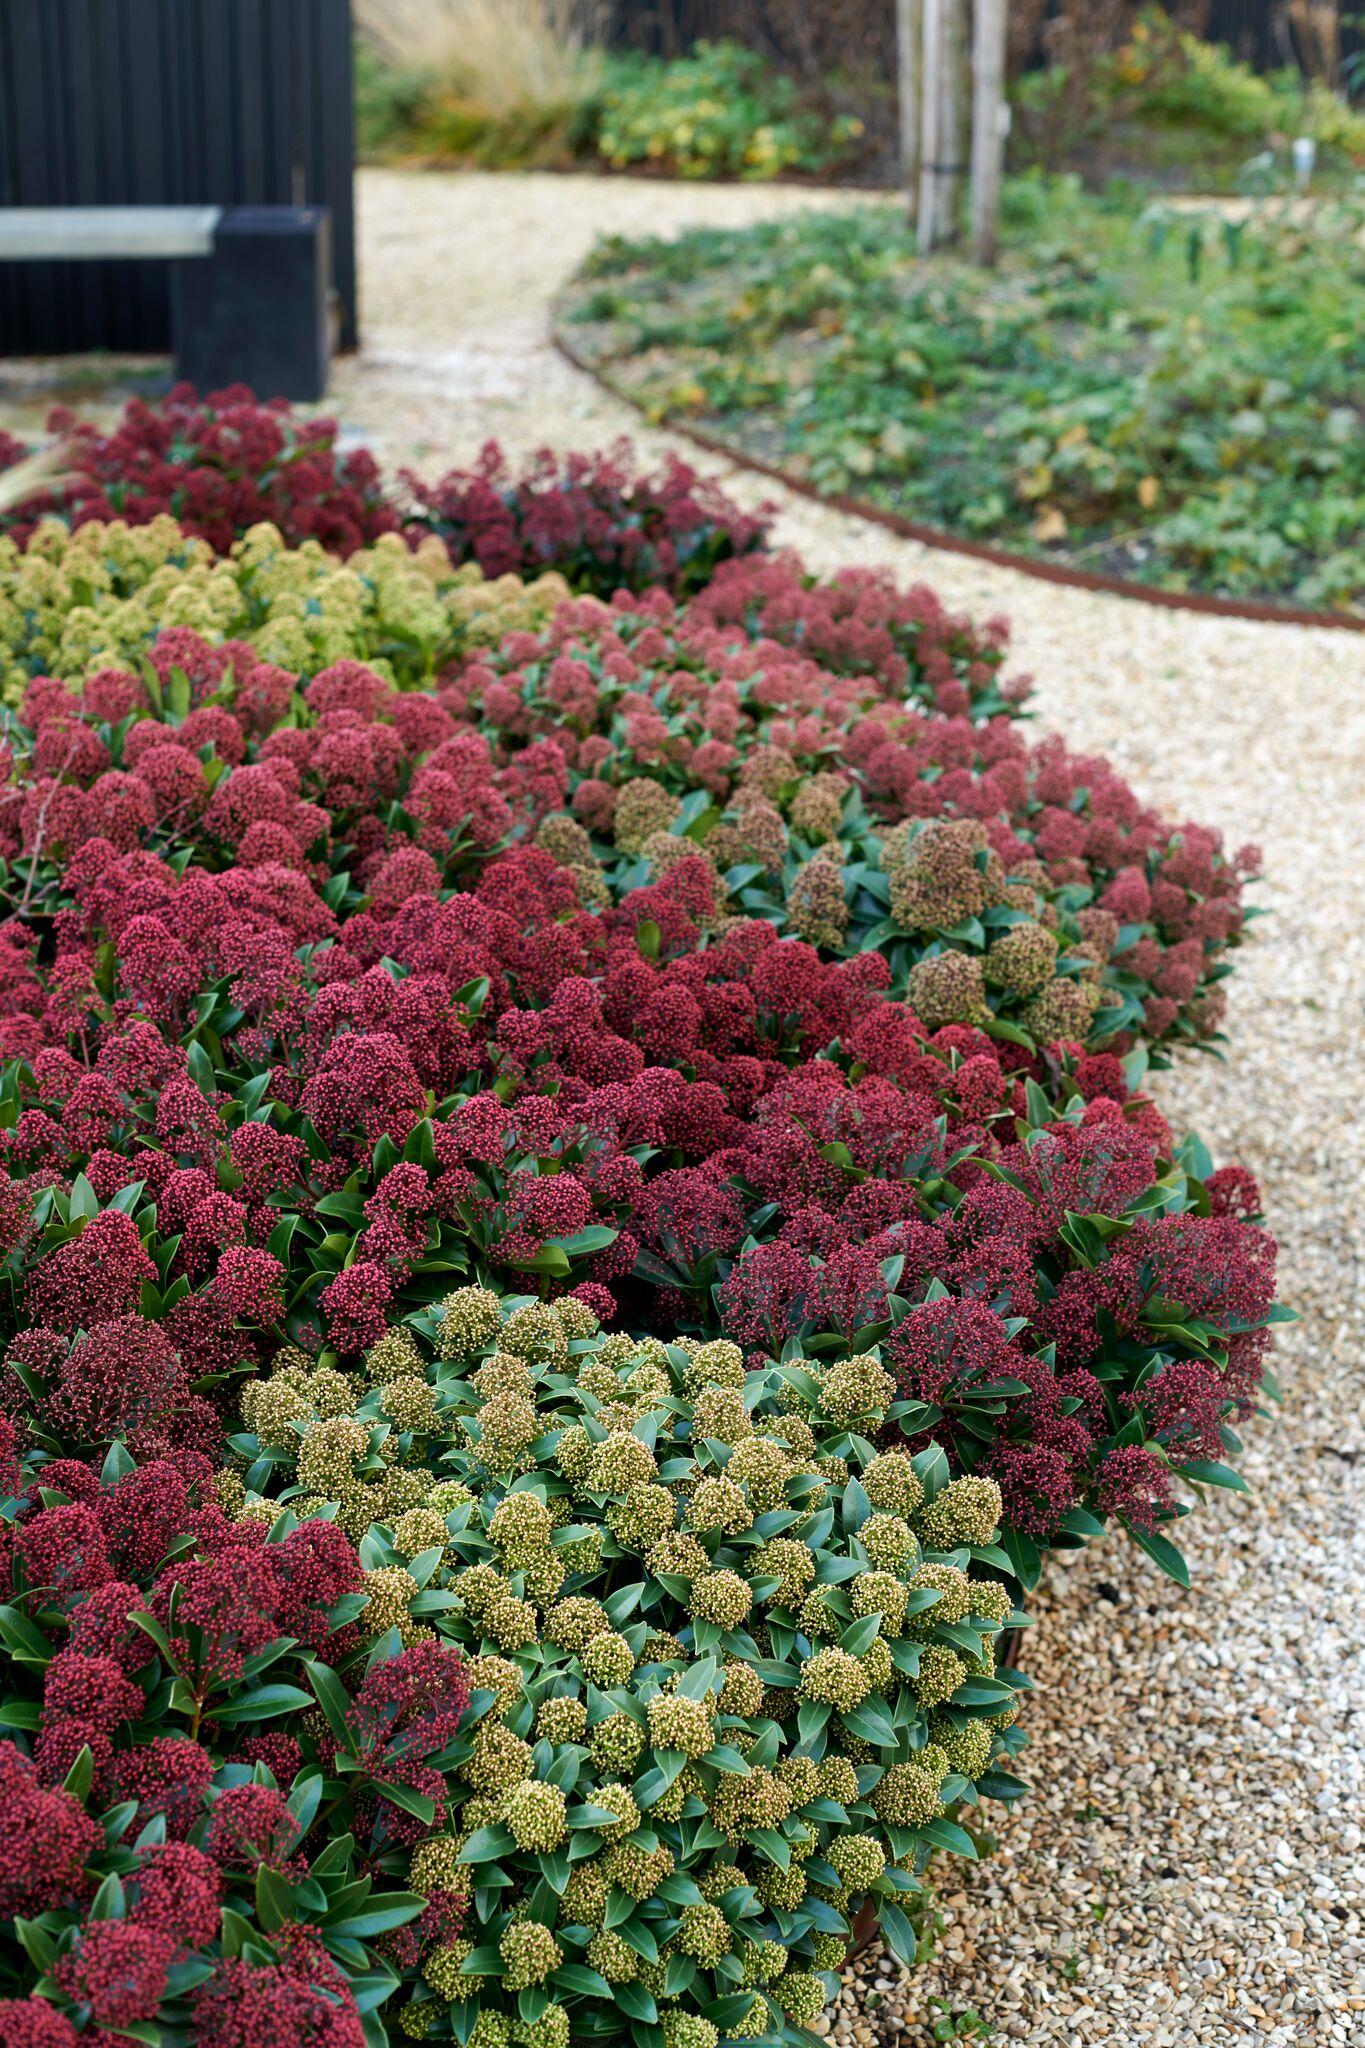 Tuinplant voor herfst en winter #winterwonderland #tuinplant #skimmia #tuin #Tuininspiratie